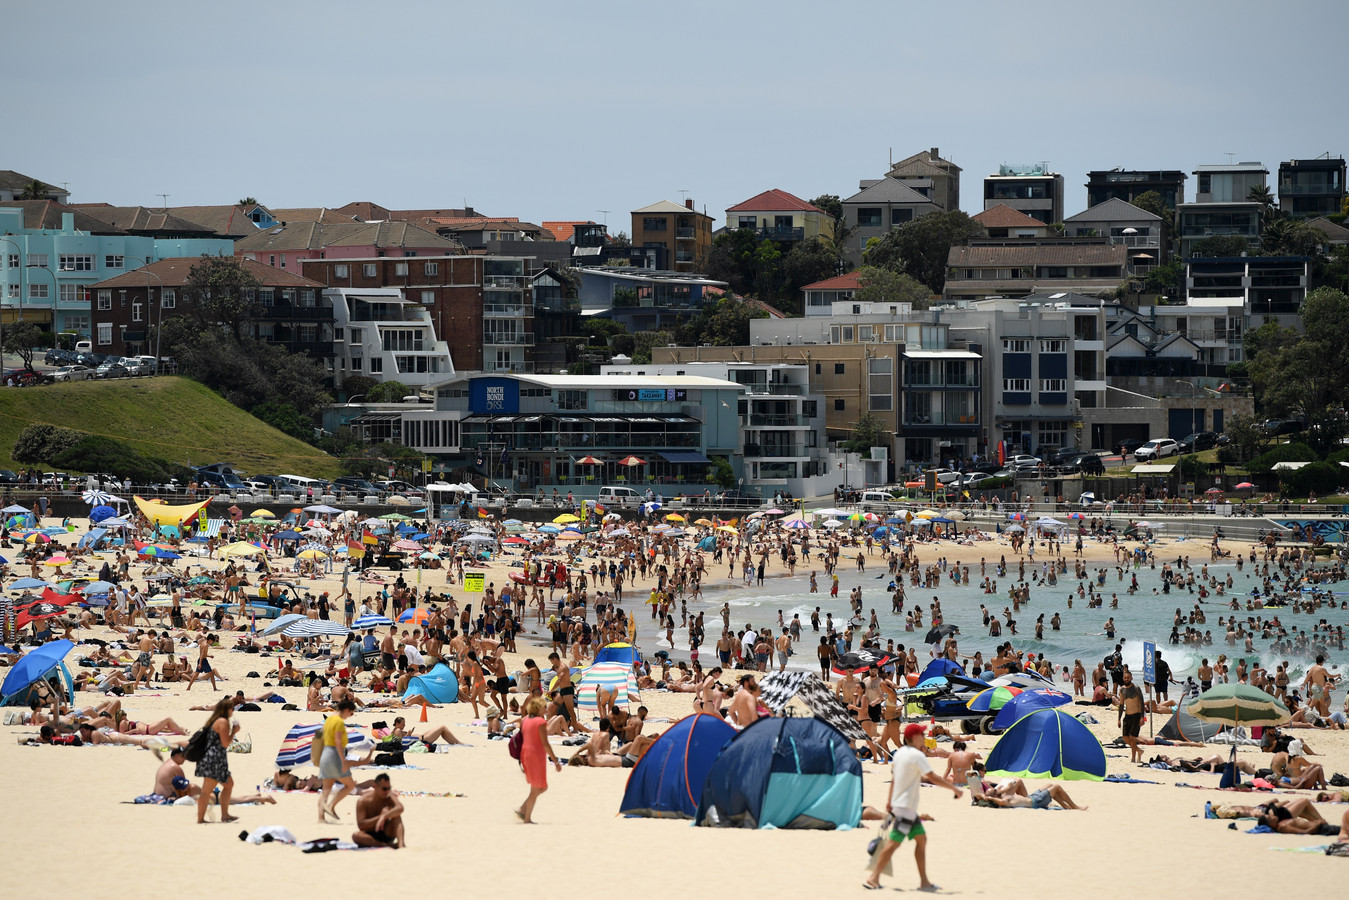 Drukte op het strand in Sydney door de hittegolf.